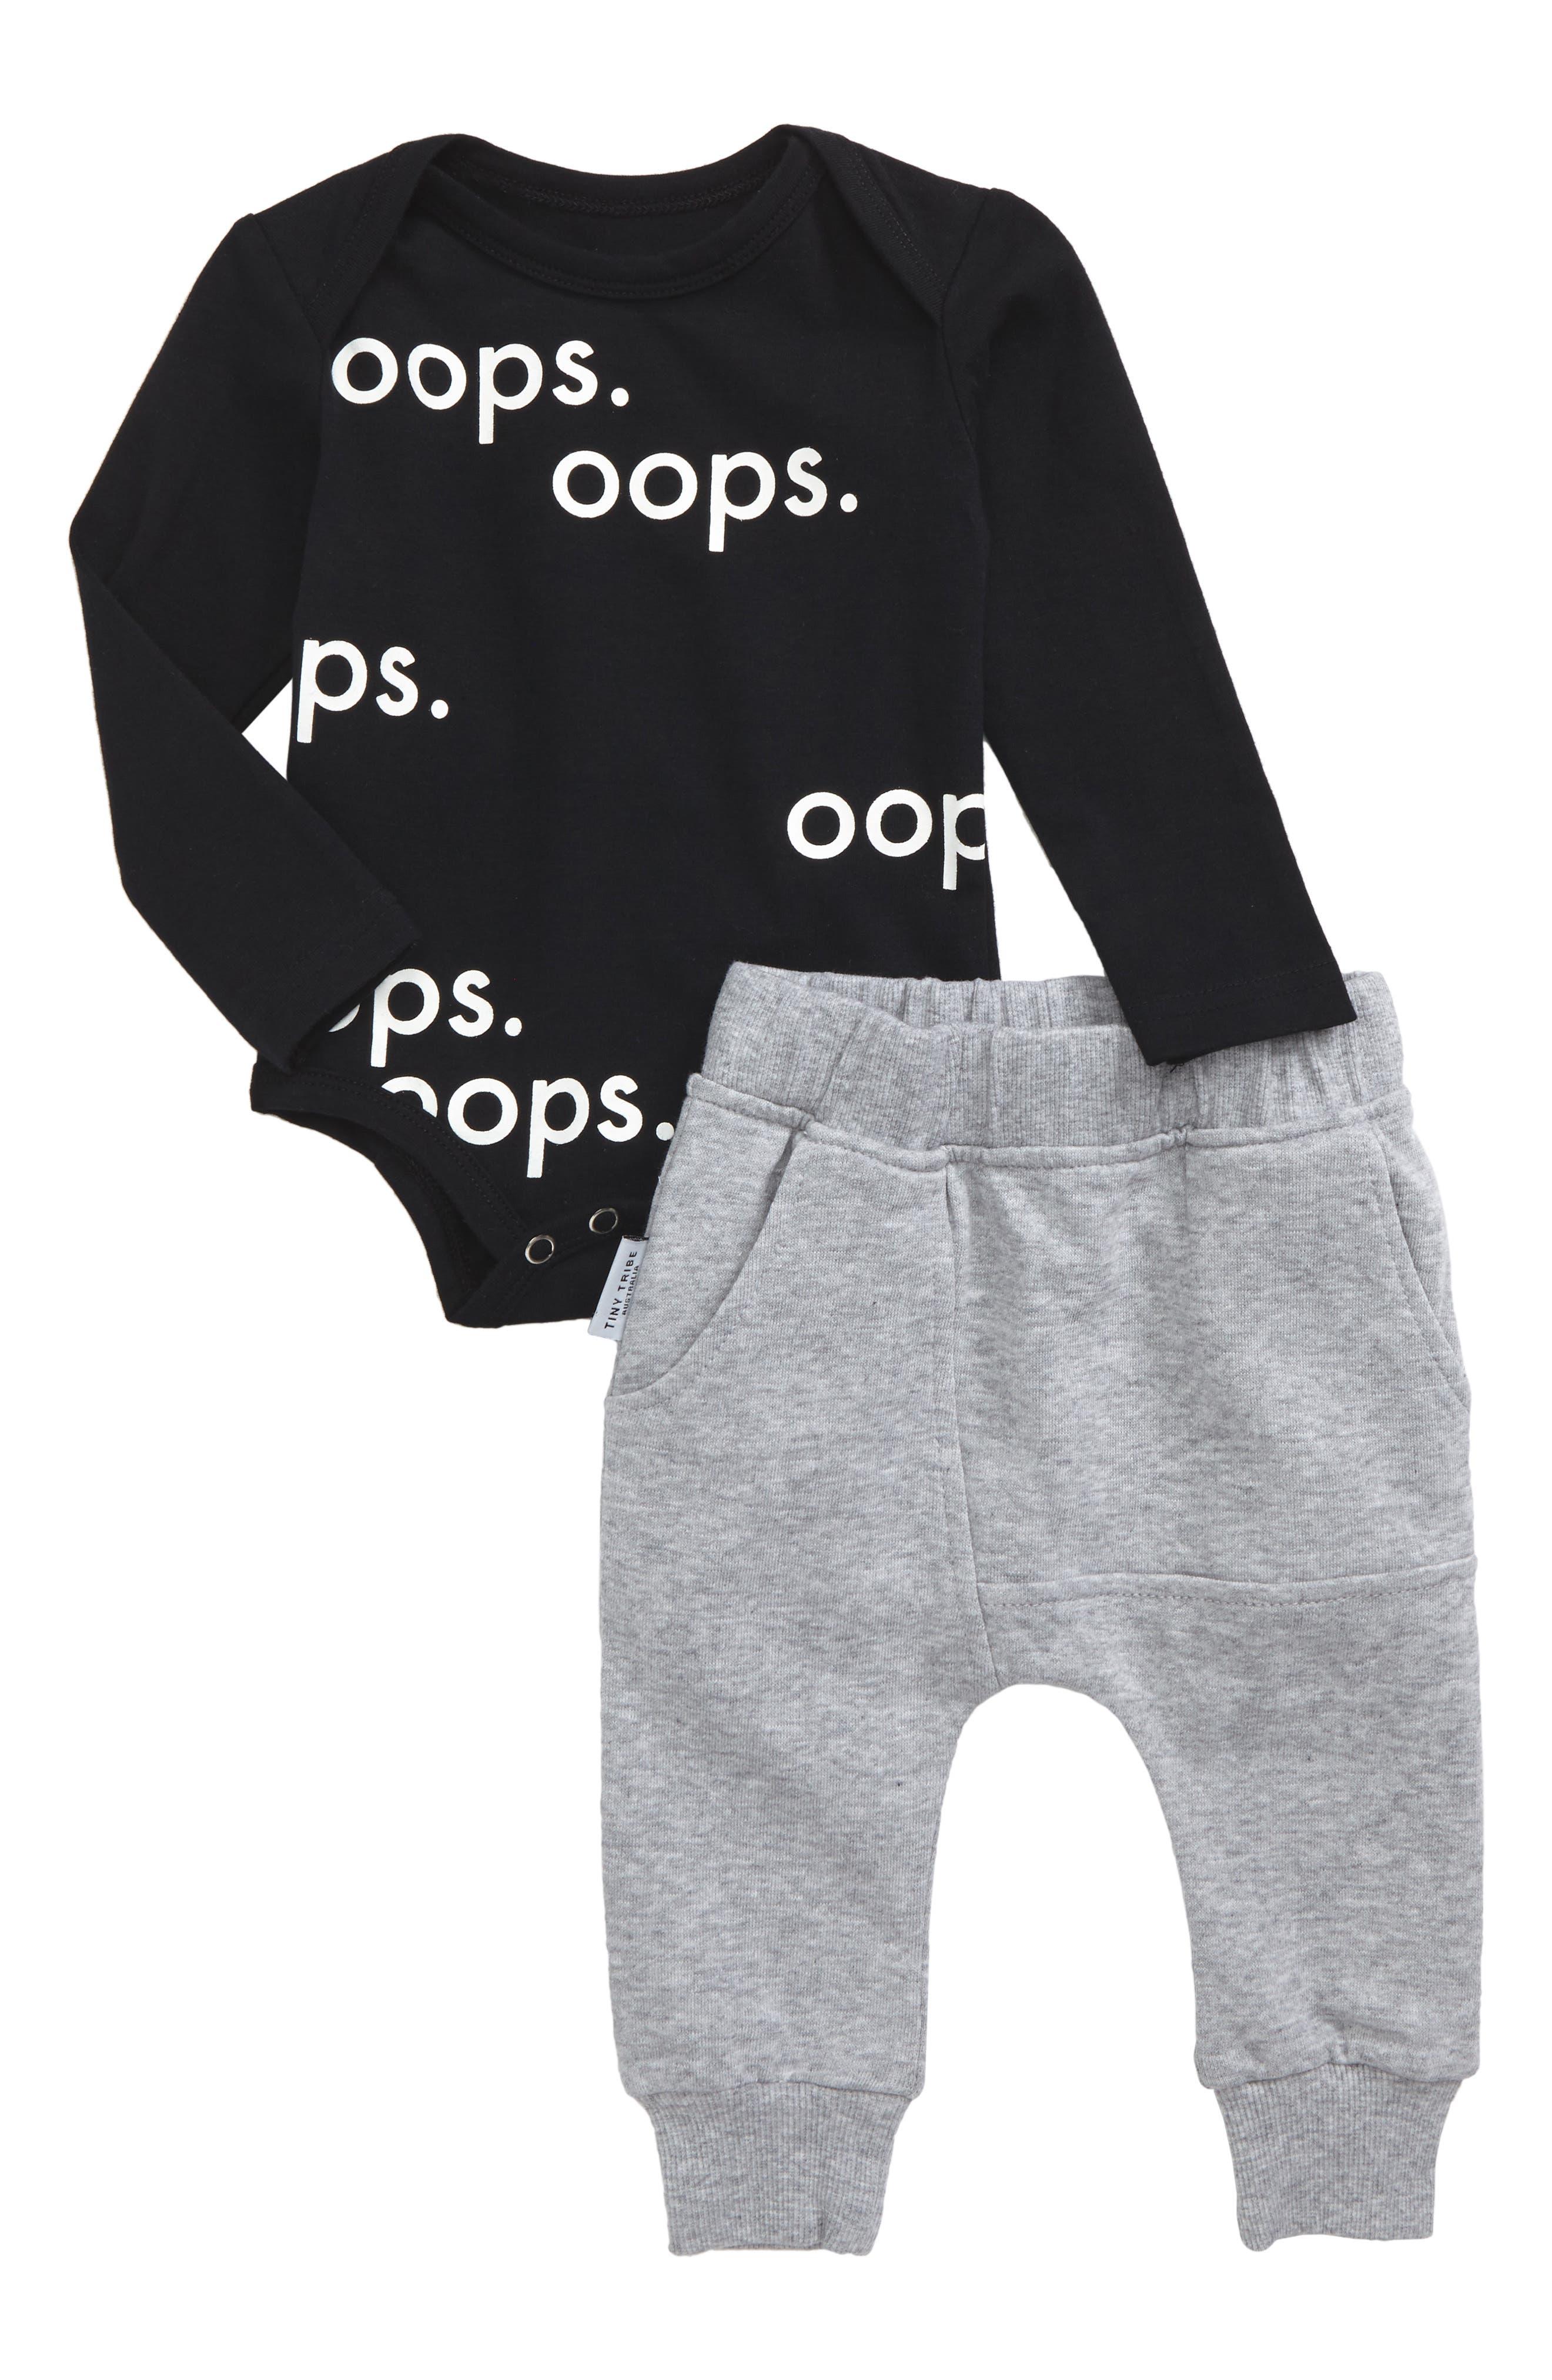 Oops Bodysuit & Sweatpants Set,                         Main,                         color, 009